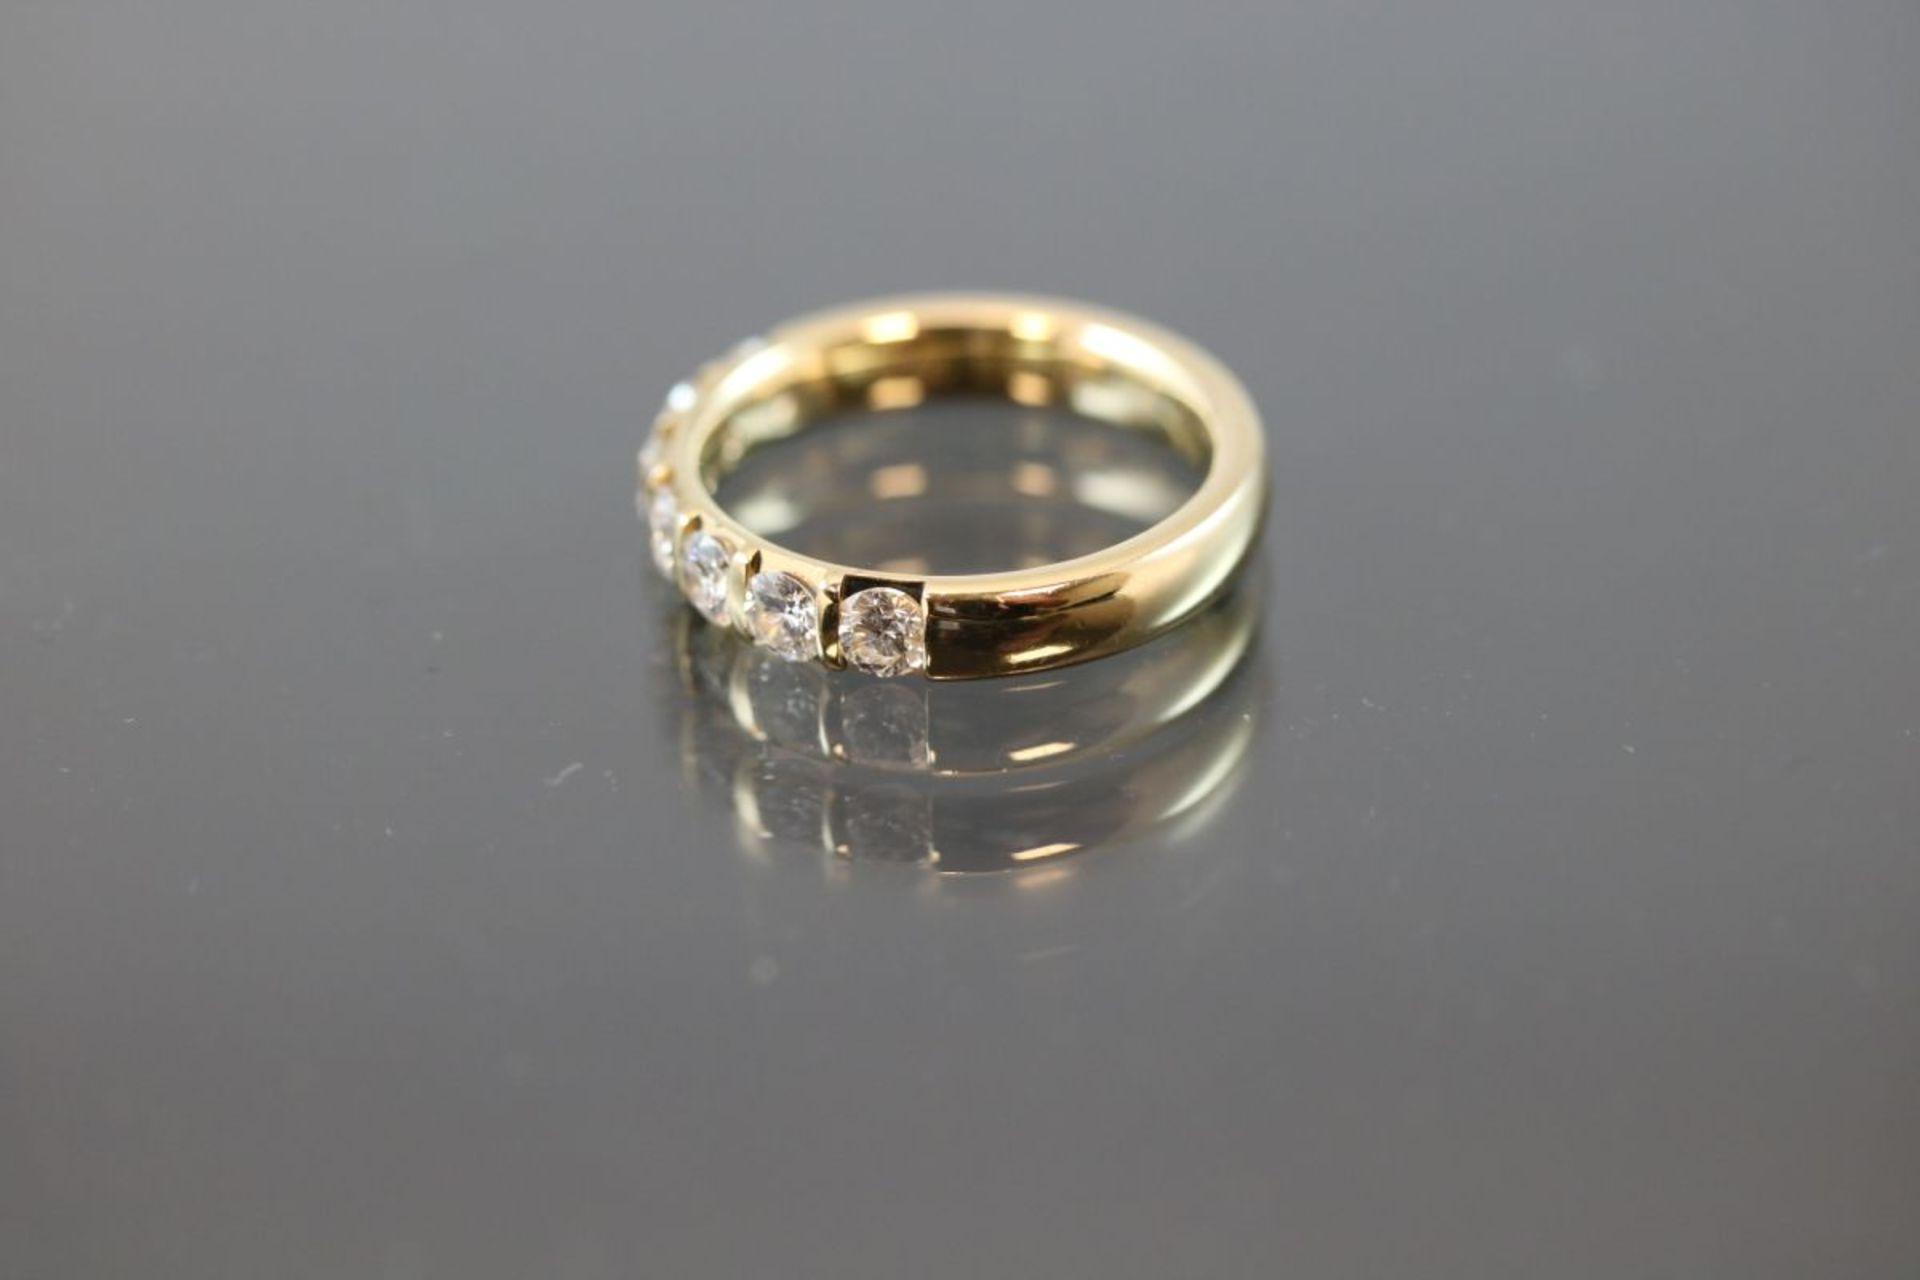 Brillant-Ring, 750 Gold6 Gramm 7 Brillanten, 0,98 ct., tw/vsi. Ringgröße: 55Schätzpreis: 3500,- - Bild 2 aus 3